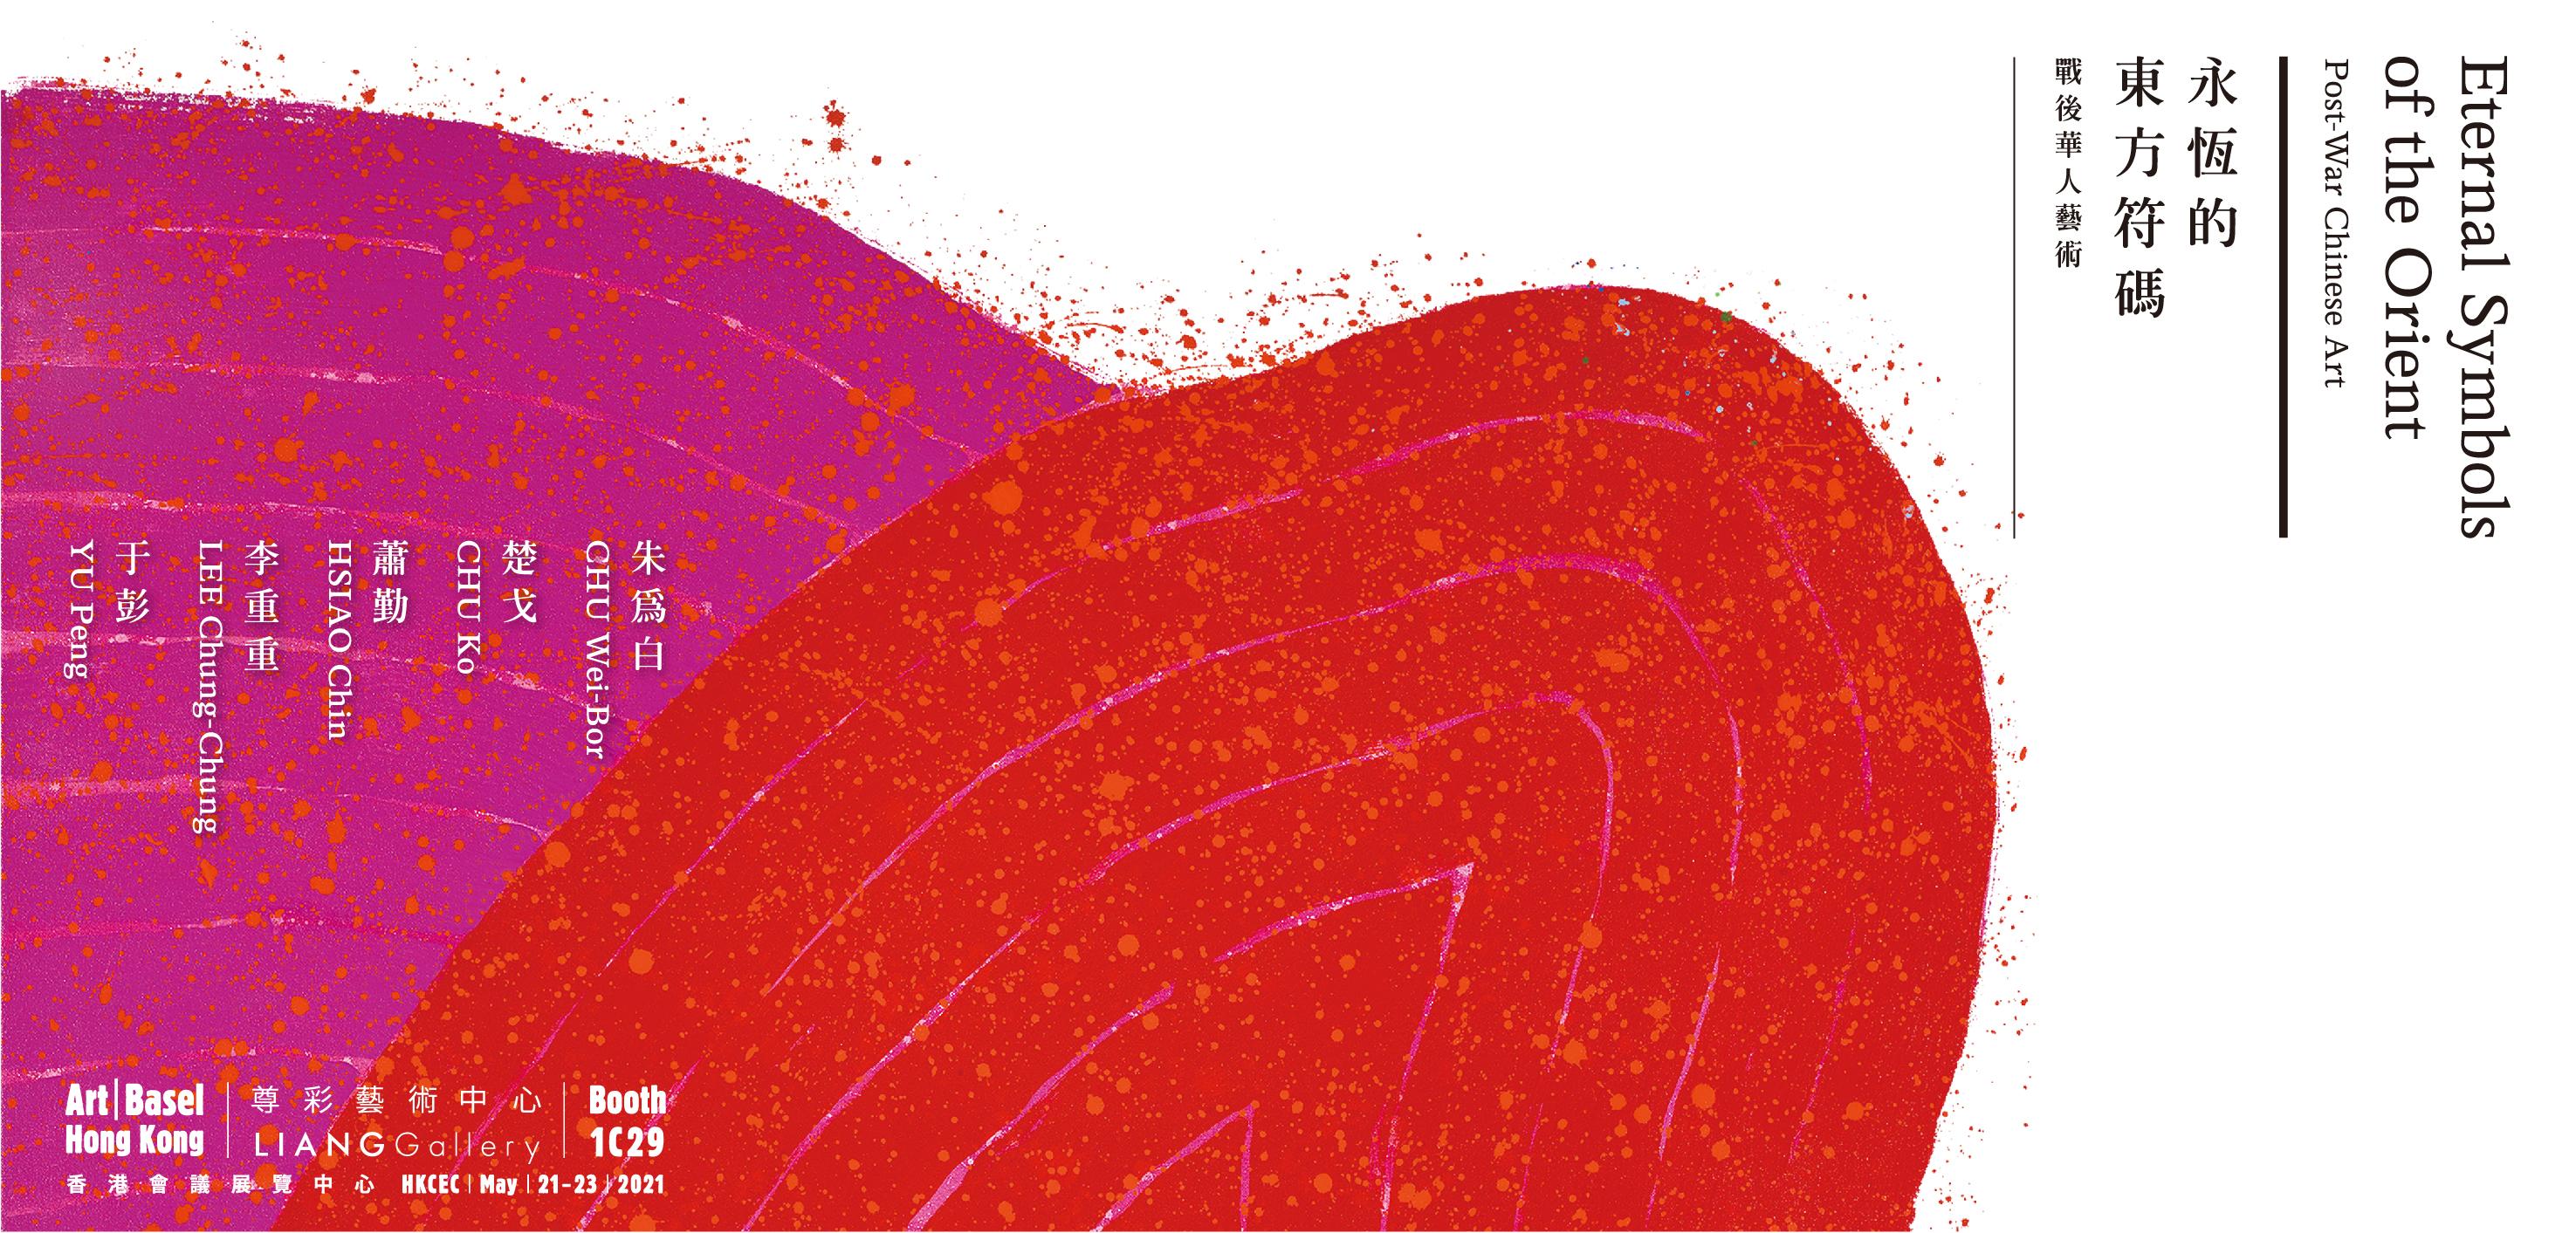 2021 香港巴塞爾藝術展 — 藝廊薈萃